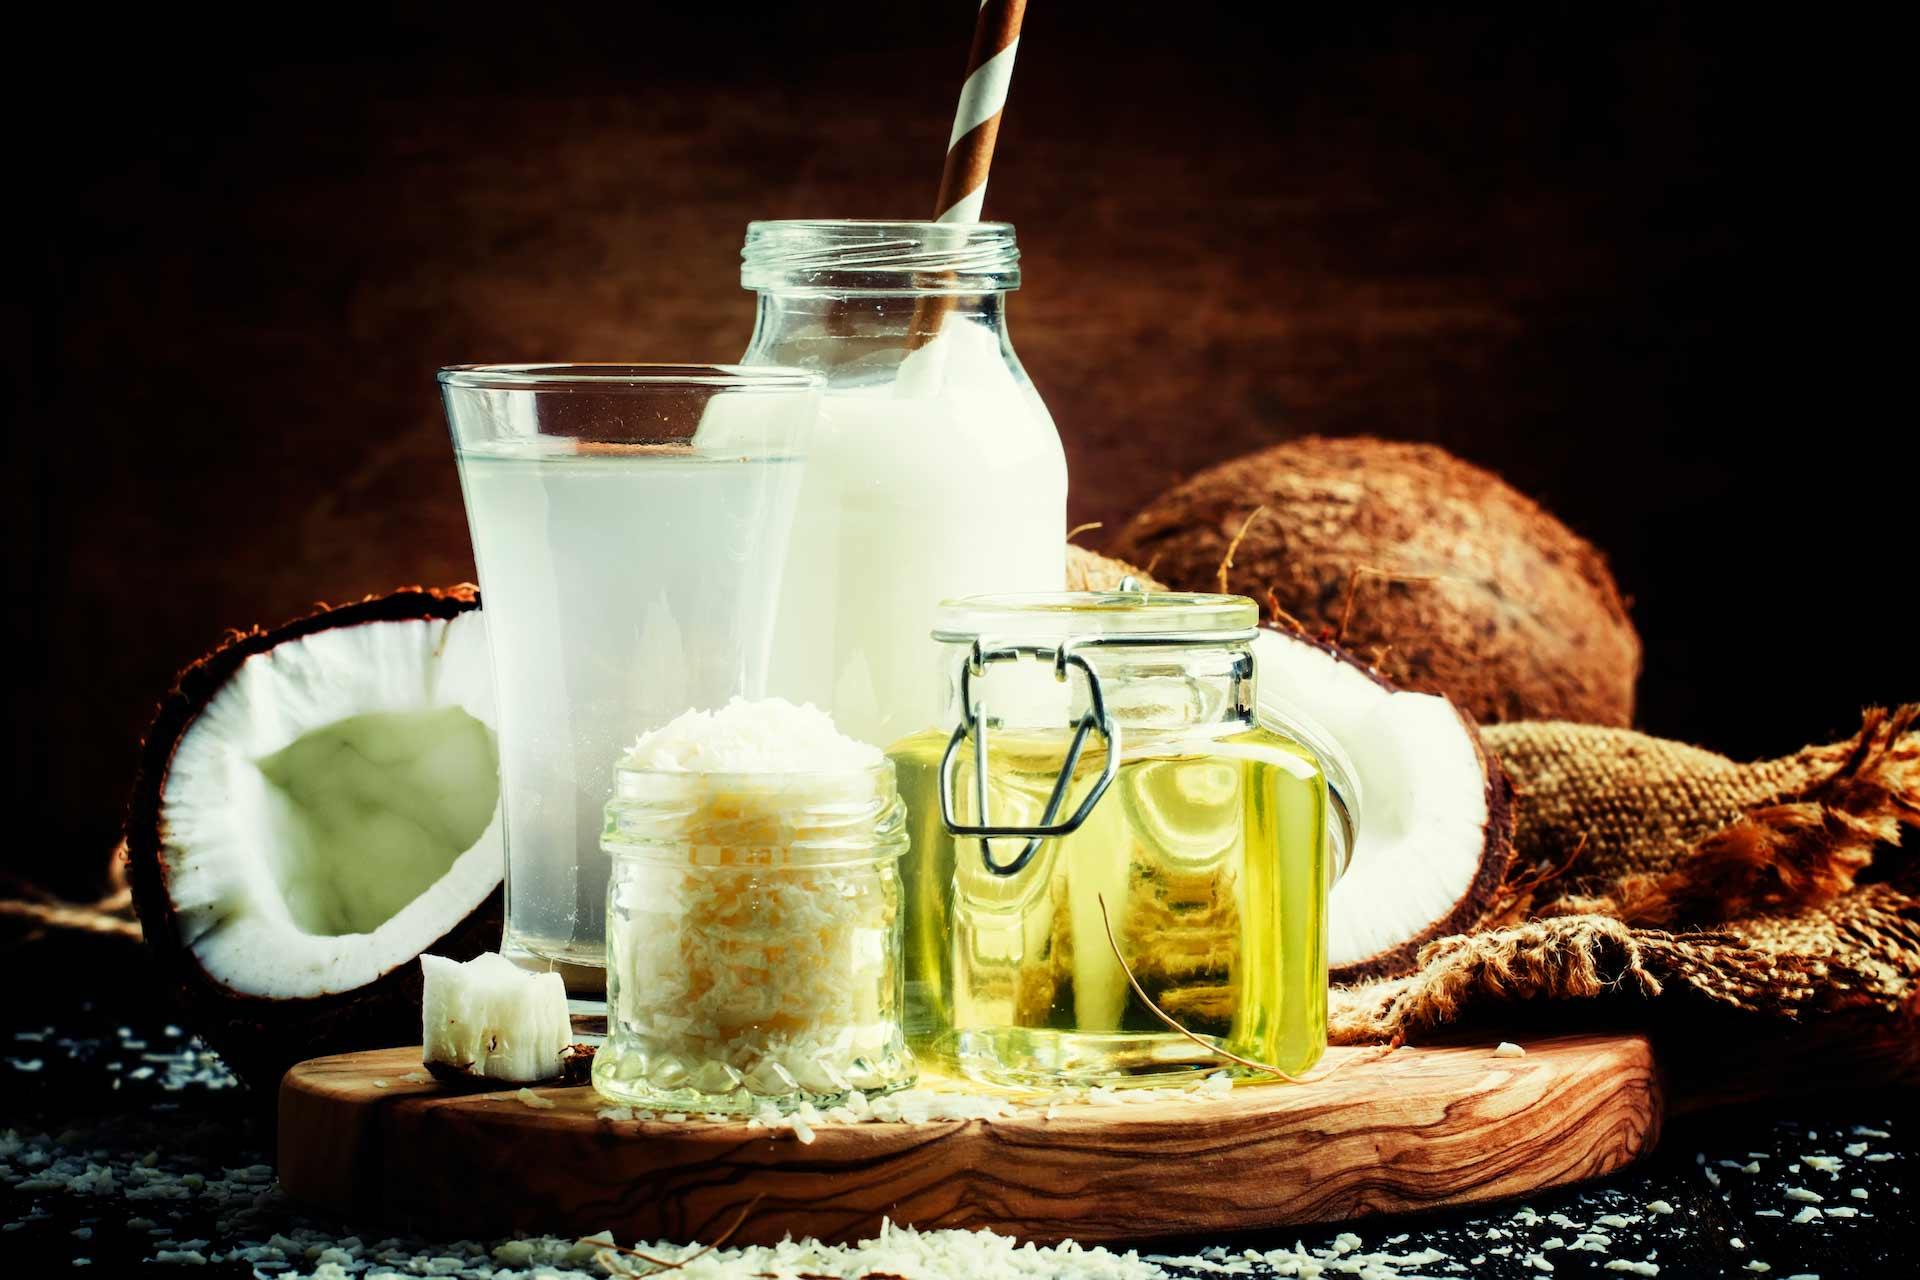 Kokosovo ulje, ribani kokos u staklenci, kokosova voda u čaši, kokosovo mlijeko sa slamkom i kokosovi orasi u pozadini